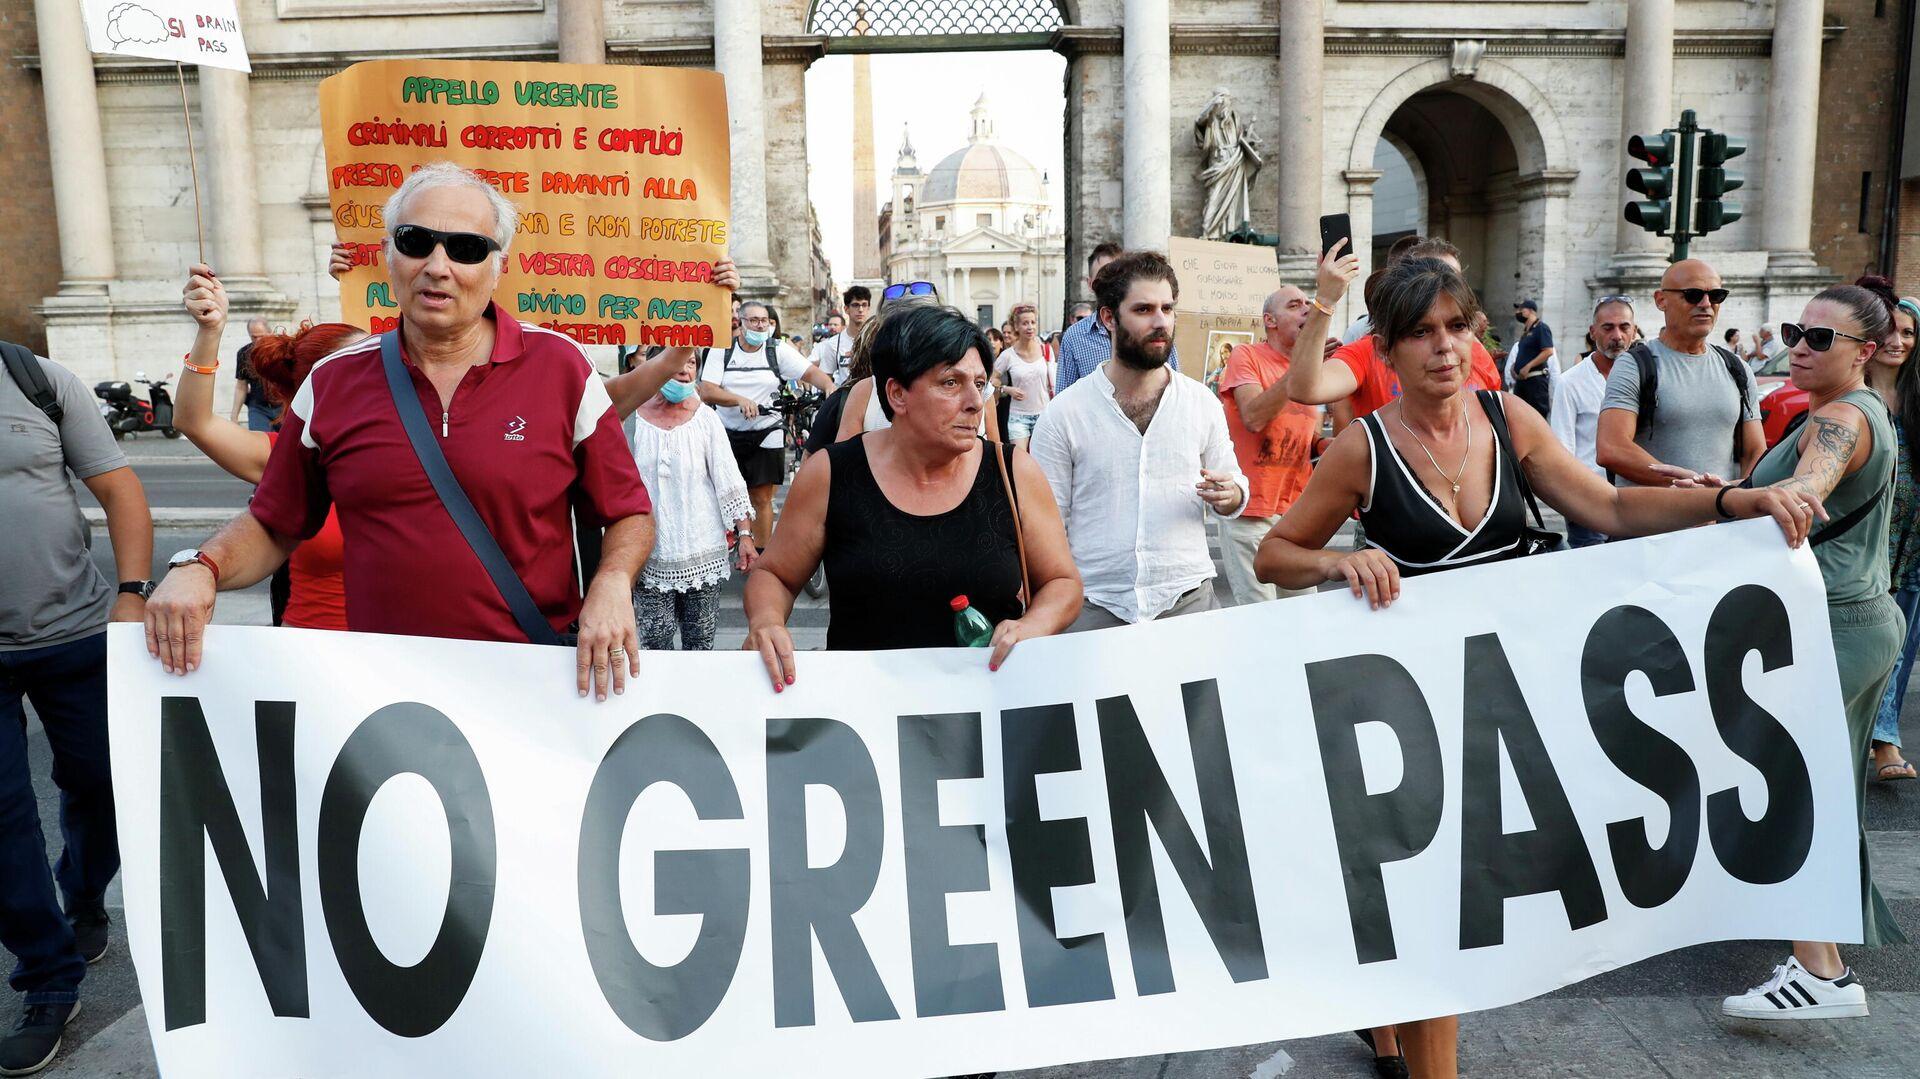 Protestas contra el pase sanitario en Italia - Sputnik Mundo, 1920, 10.09.2021